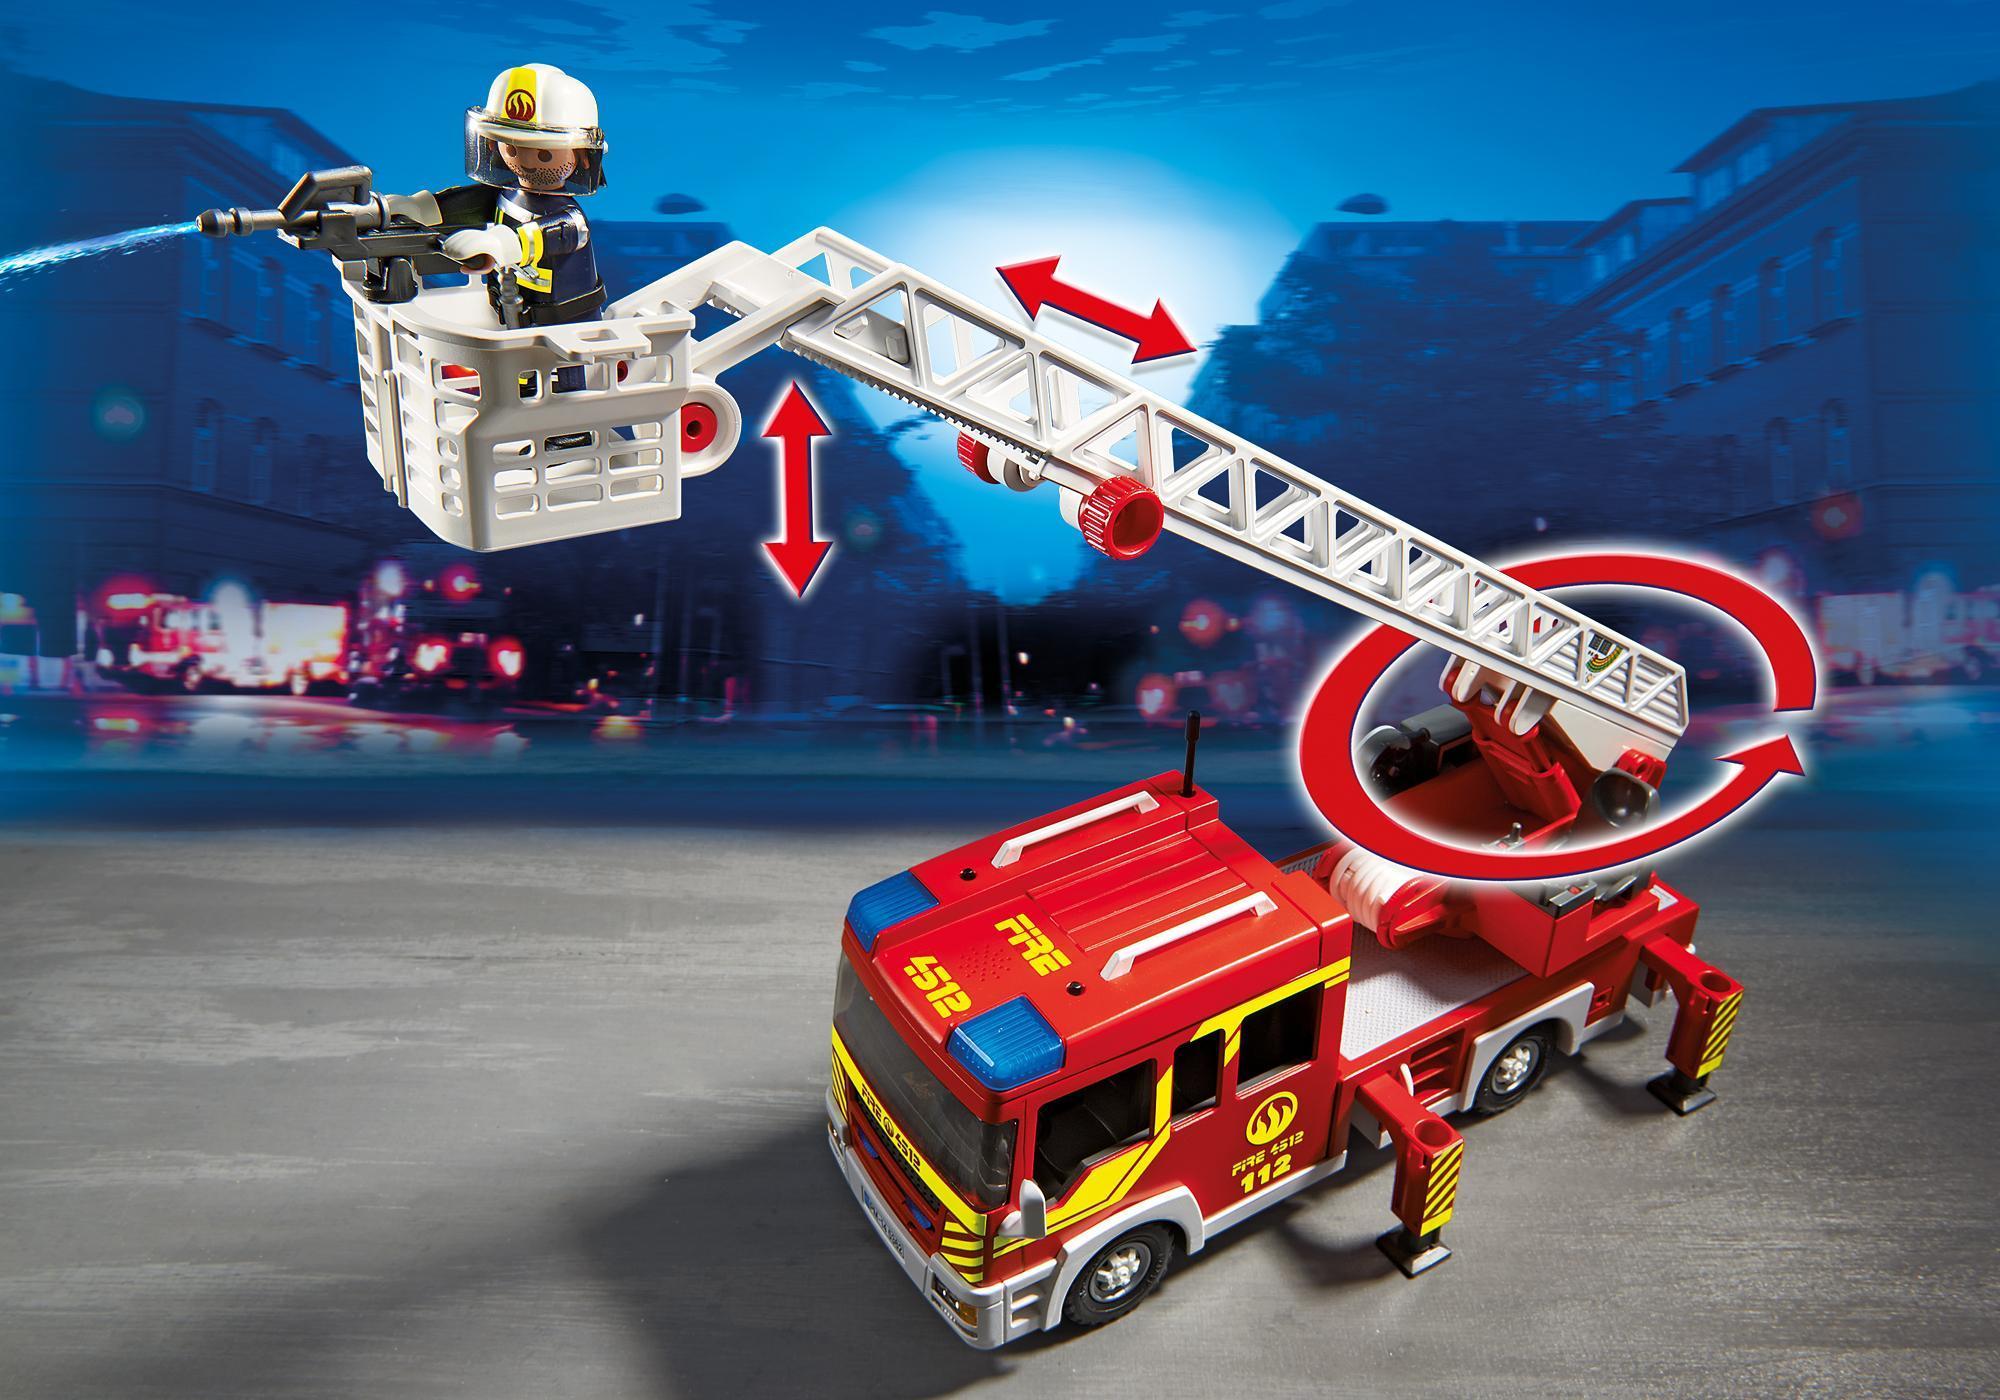 http://media.playmobil.com/i/playmobil/5362_product_extra2/Camión de Bomberos y Escalera con Luces y Sonido